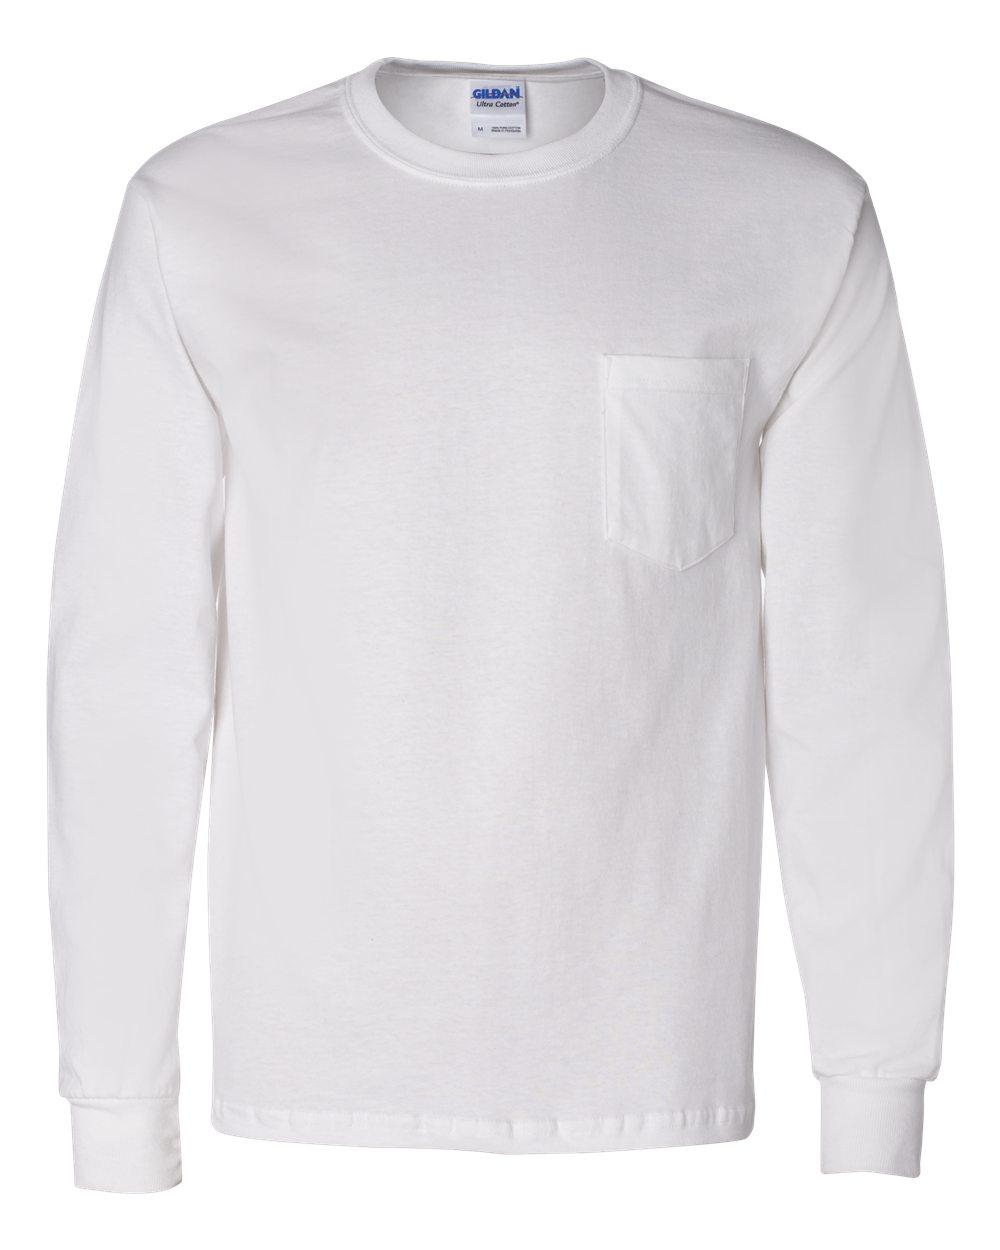 Gildan 2410 for Pocket tee shirts for womens